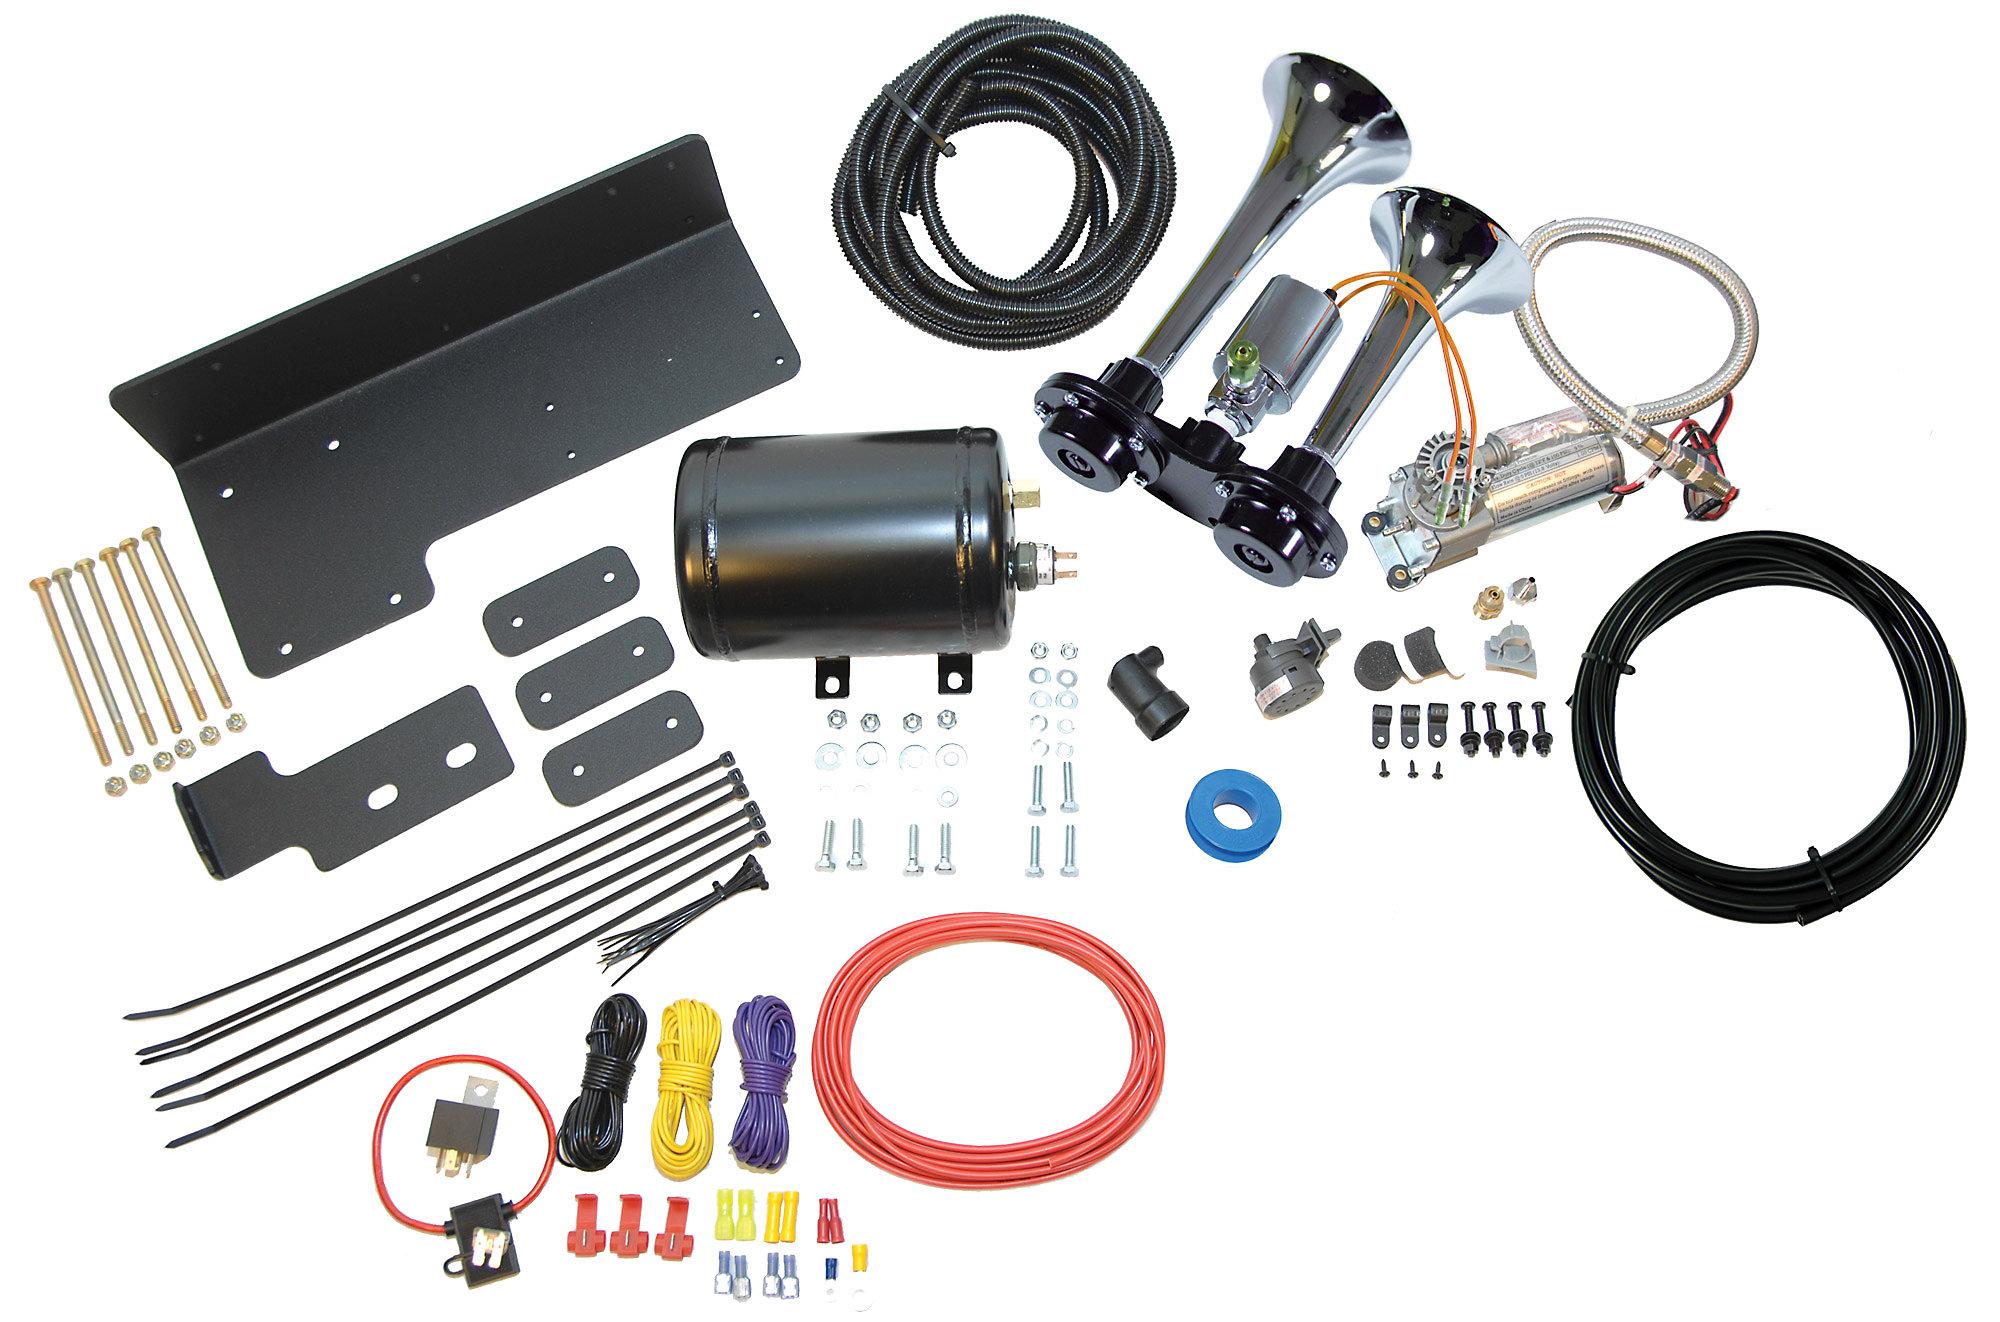 1998 jeep wrangler horn wiring diagram ford f150 starter solenoid kleinn air horns trail blaster kit for 07 18